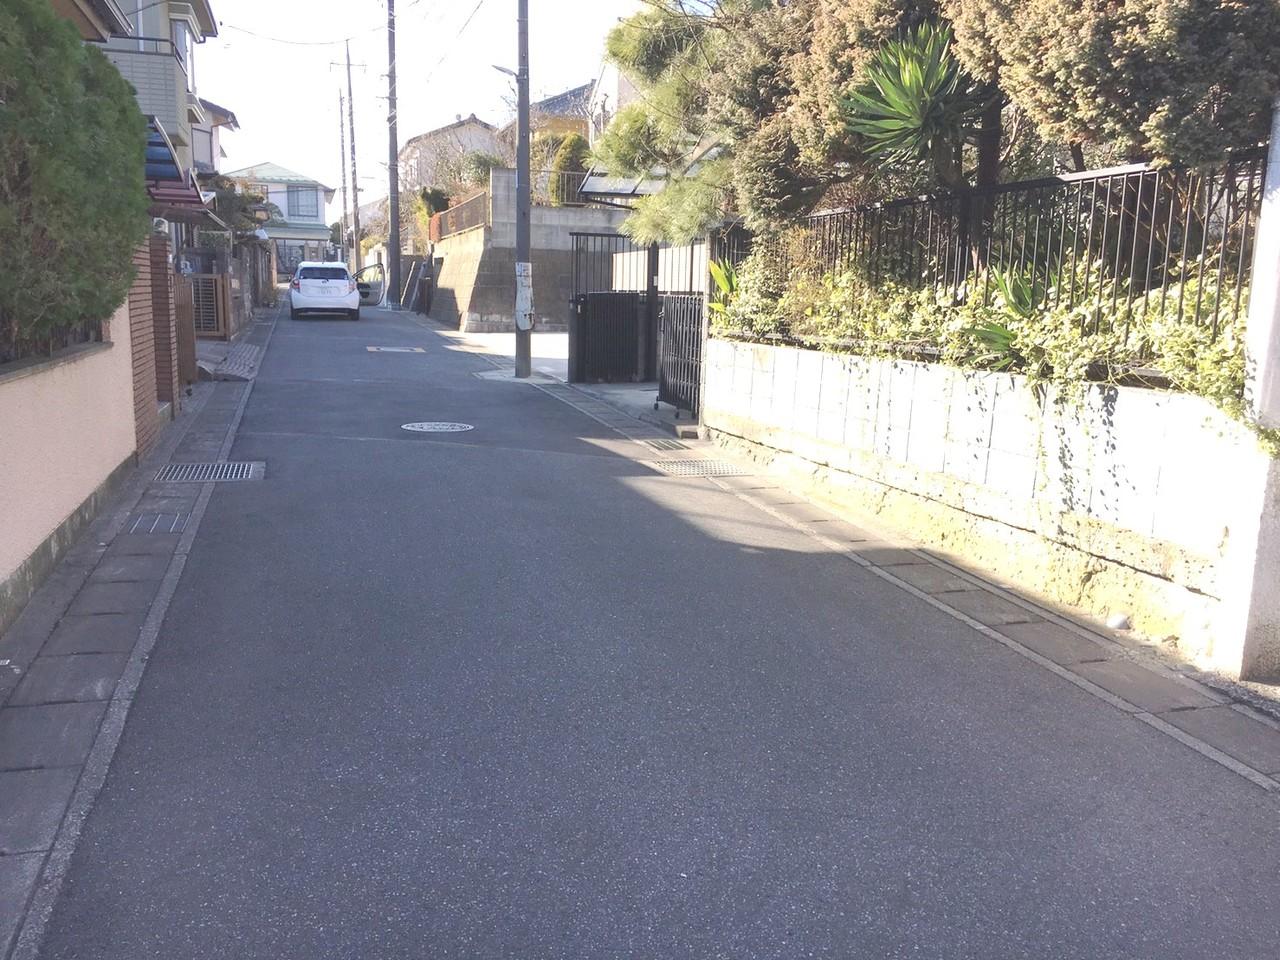 ◎前面道路(2/6更新) 南道路のため、日当たり良好です! 周辺は落ち着いた雰囲気の住宅街です。